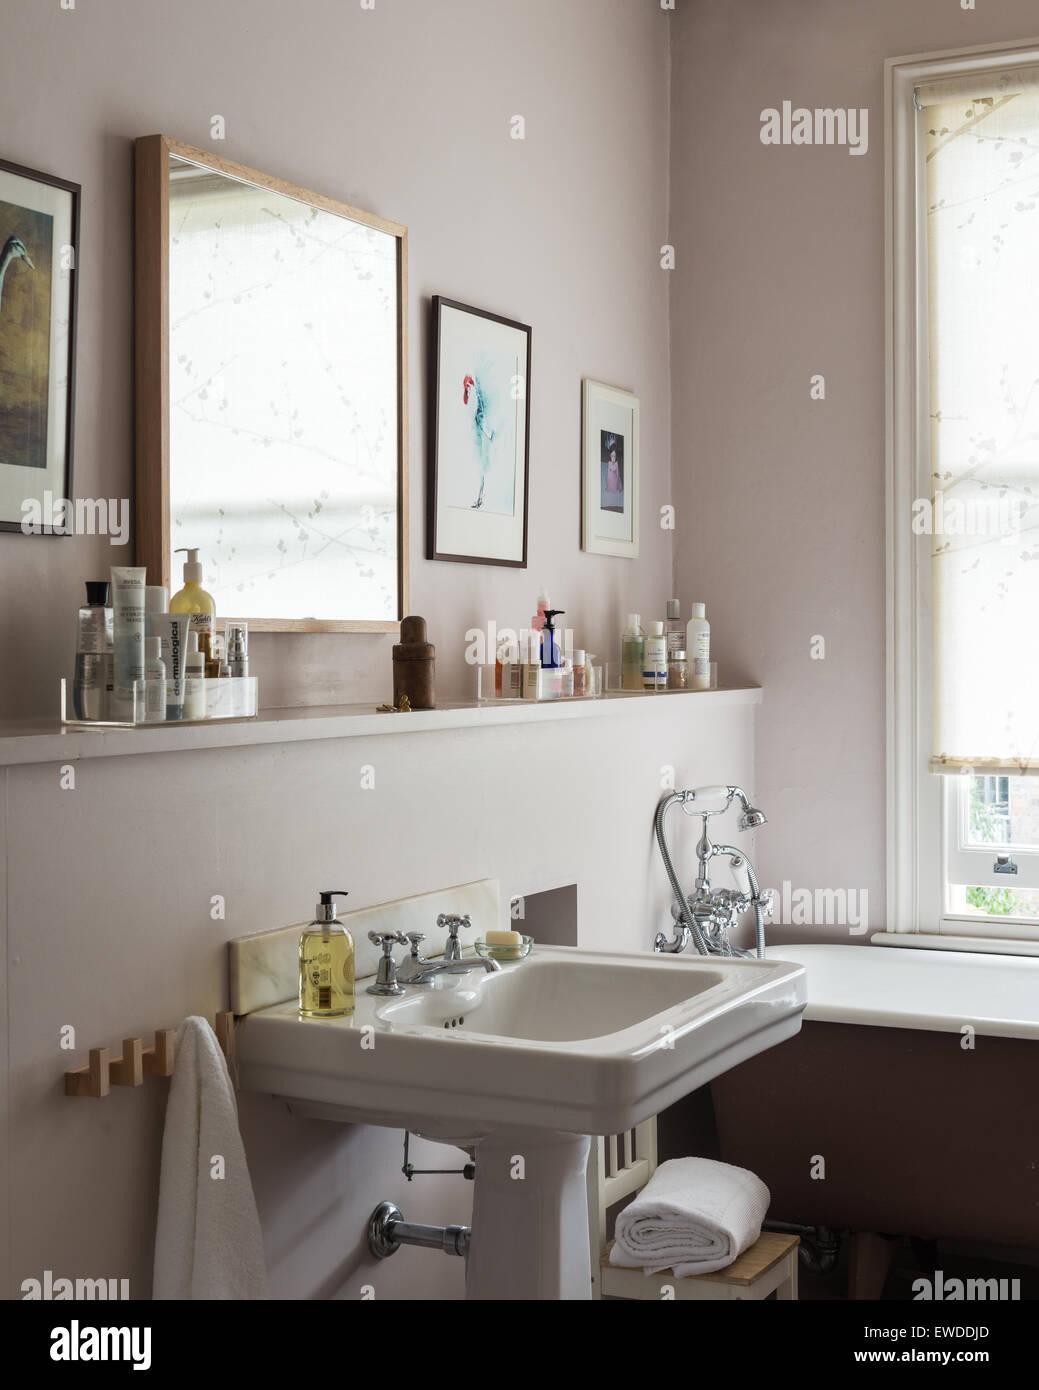 Baignoire sur pieds dans la salle de bains et du bassin de style ...